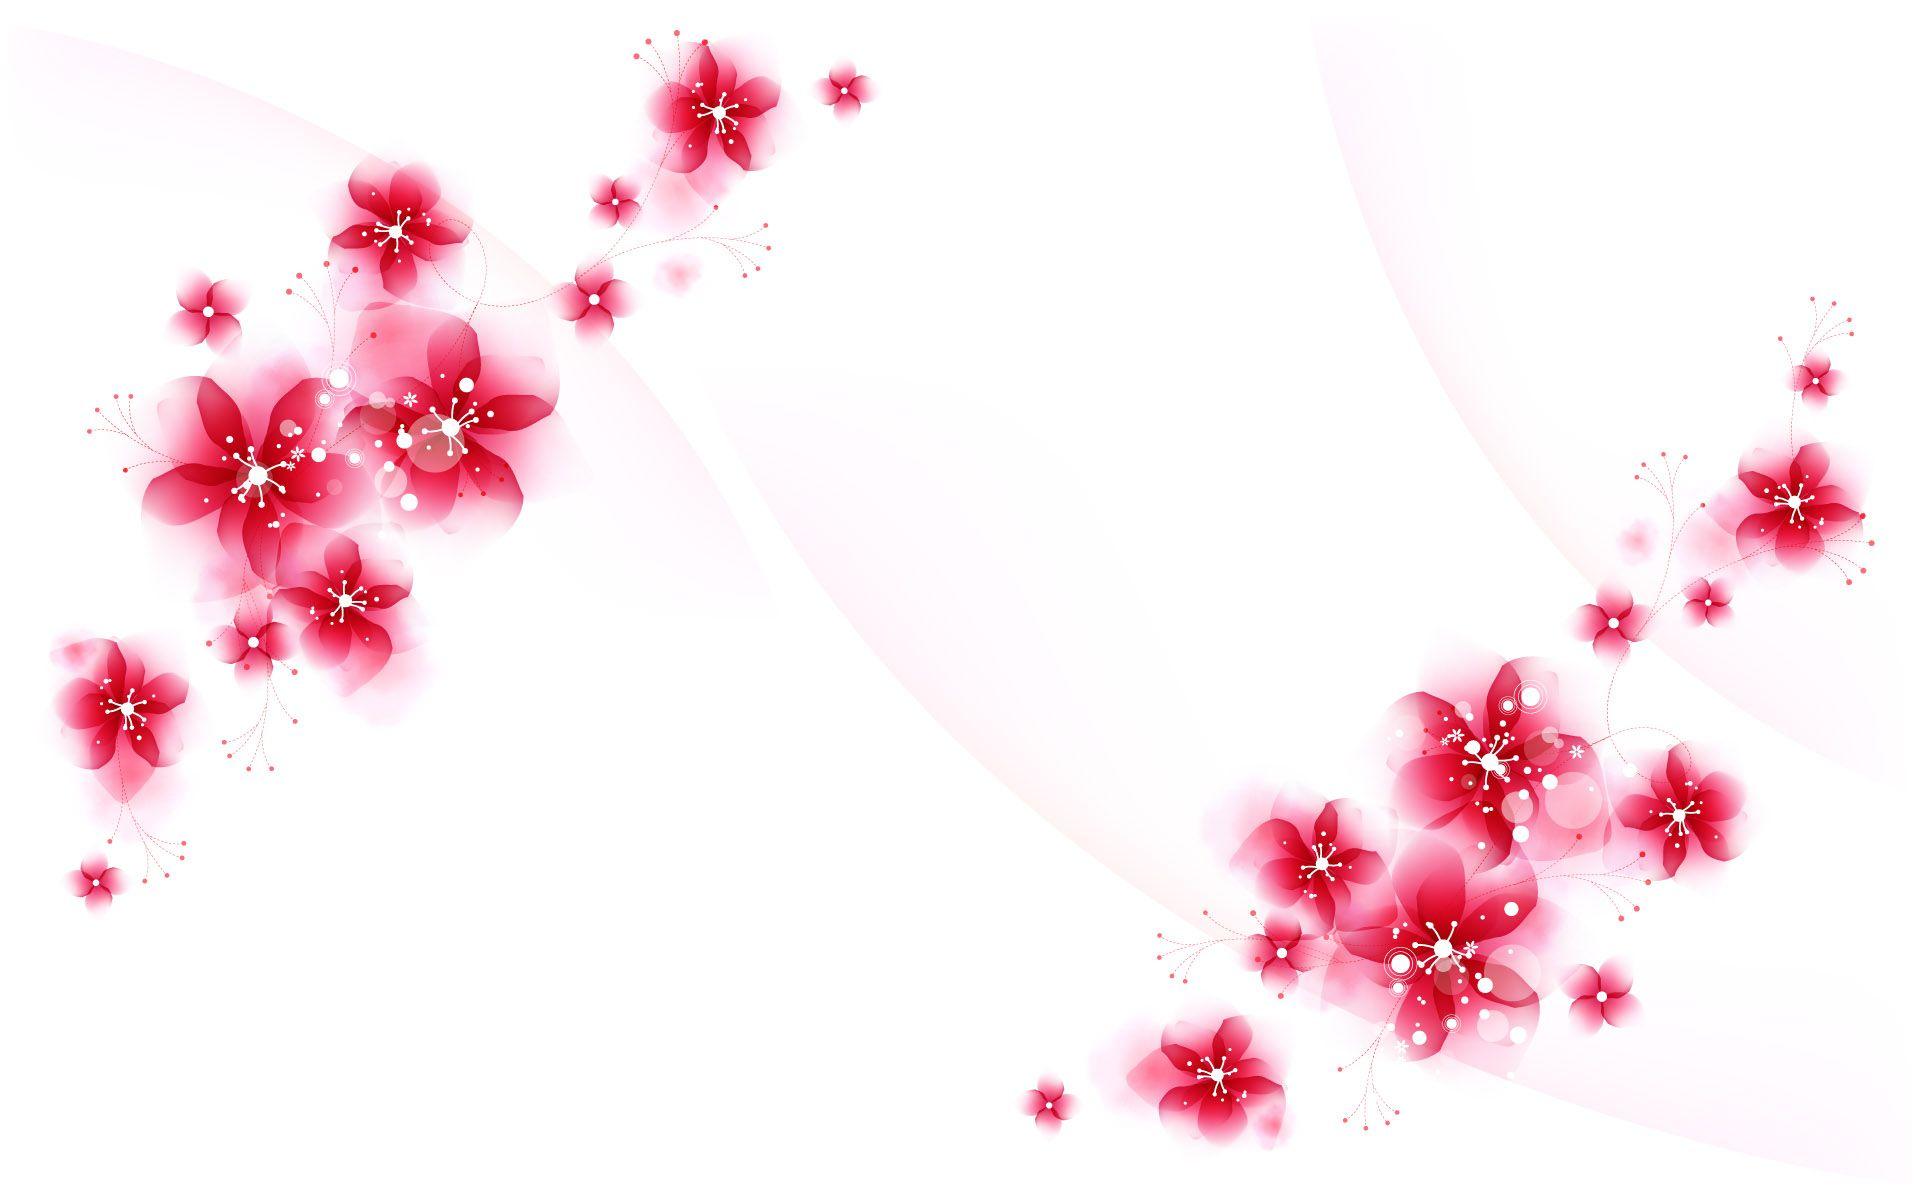 Flower White Background Hd